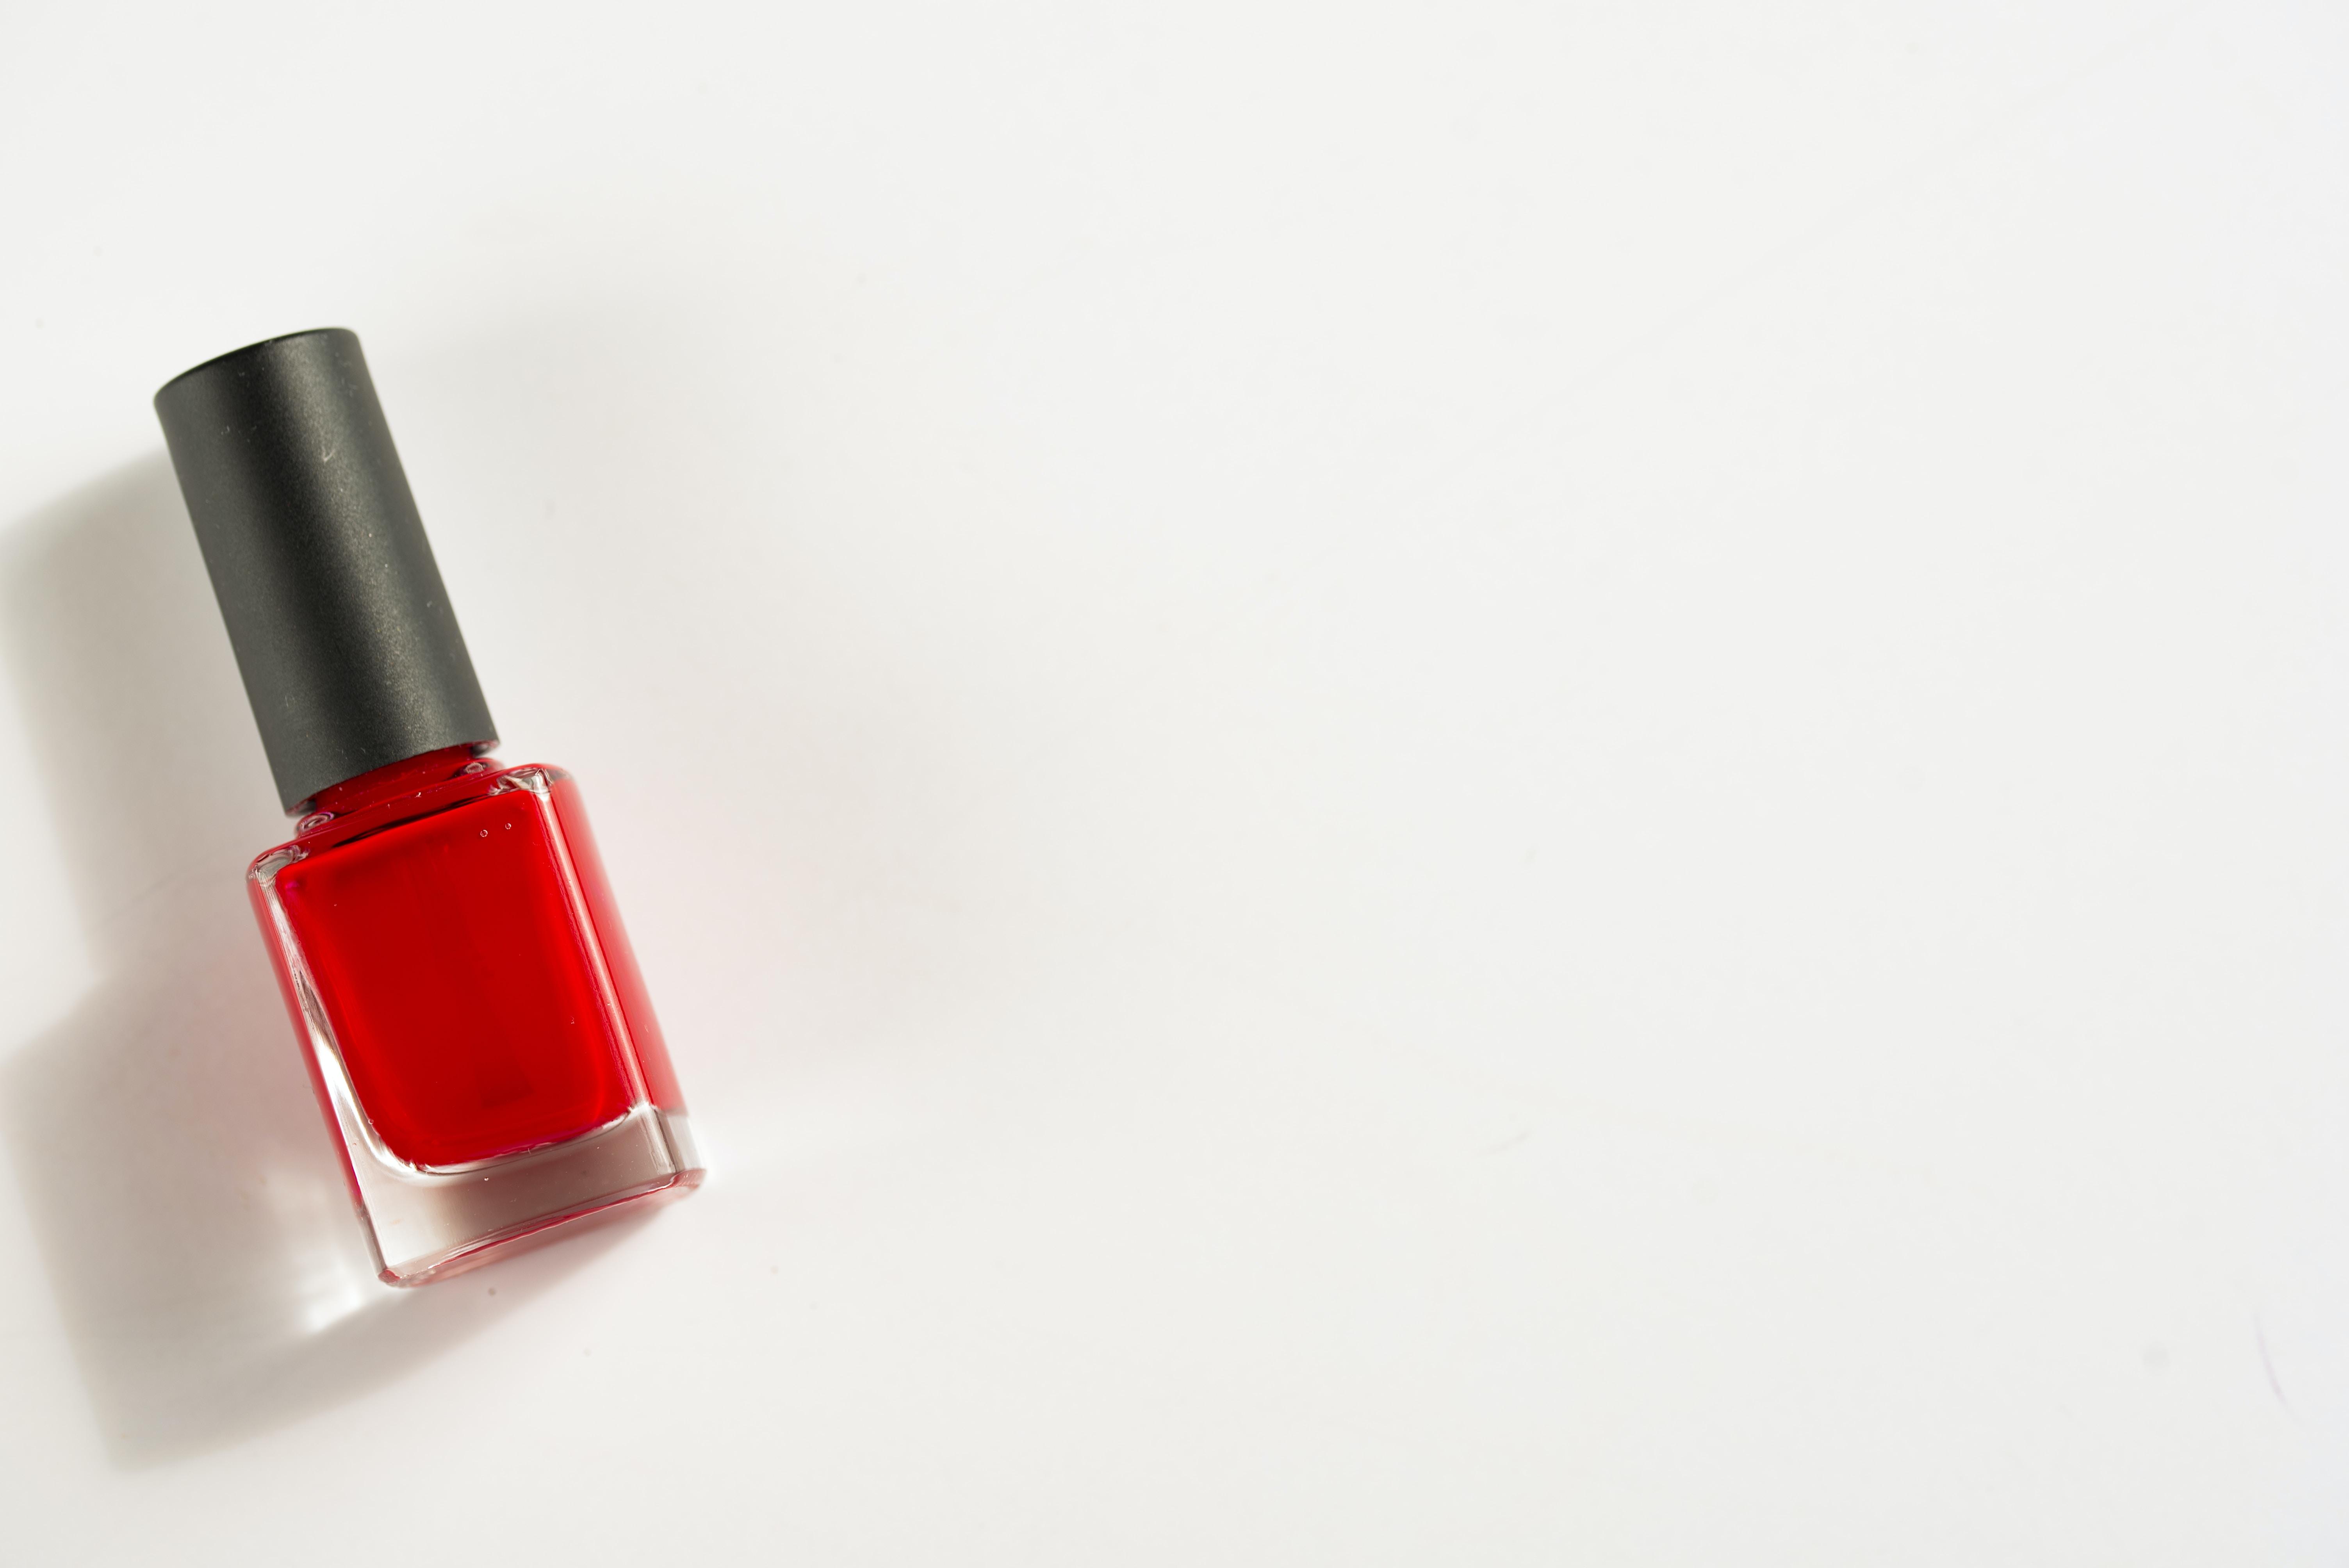 photo of red nail polish